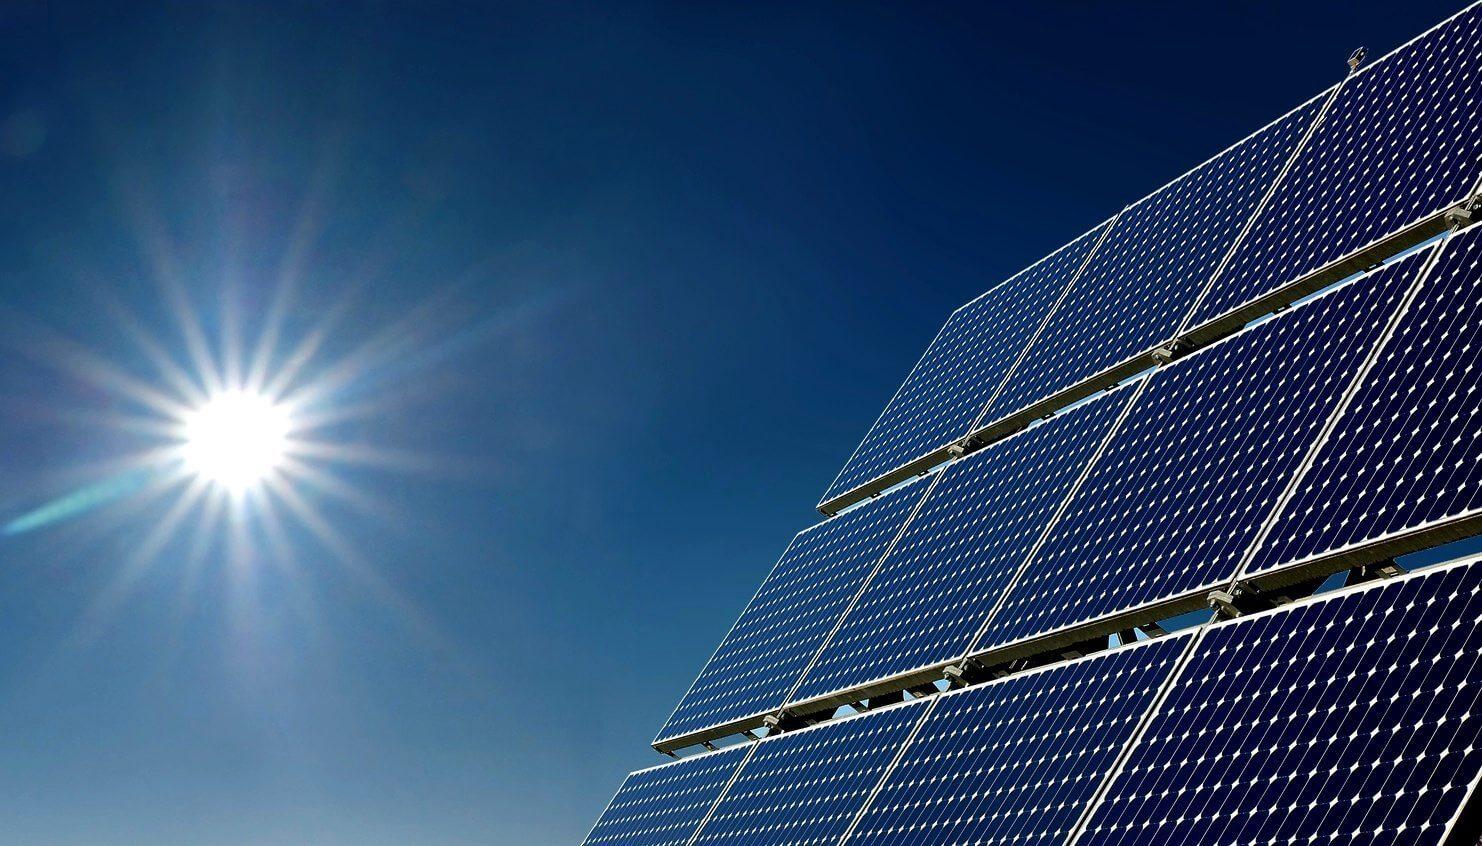 Brasil contribui para diminuição dos custos da energia solar